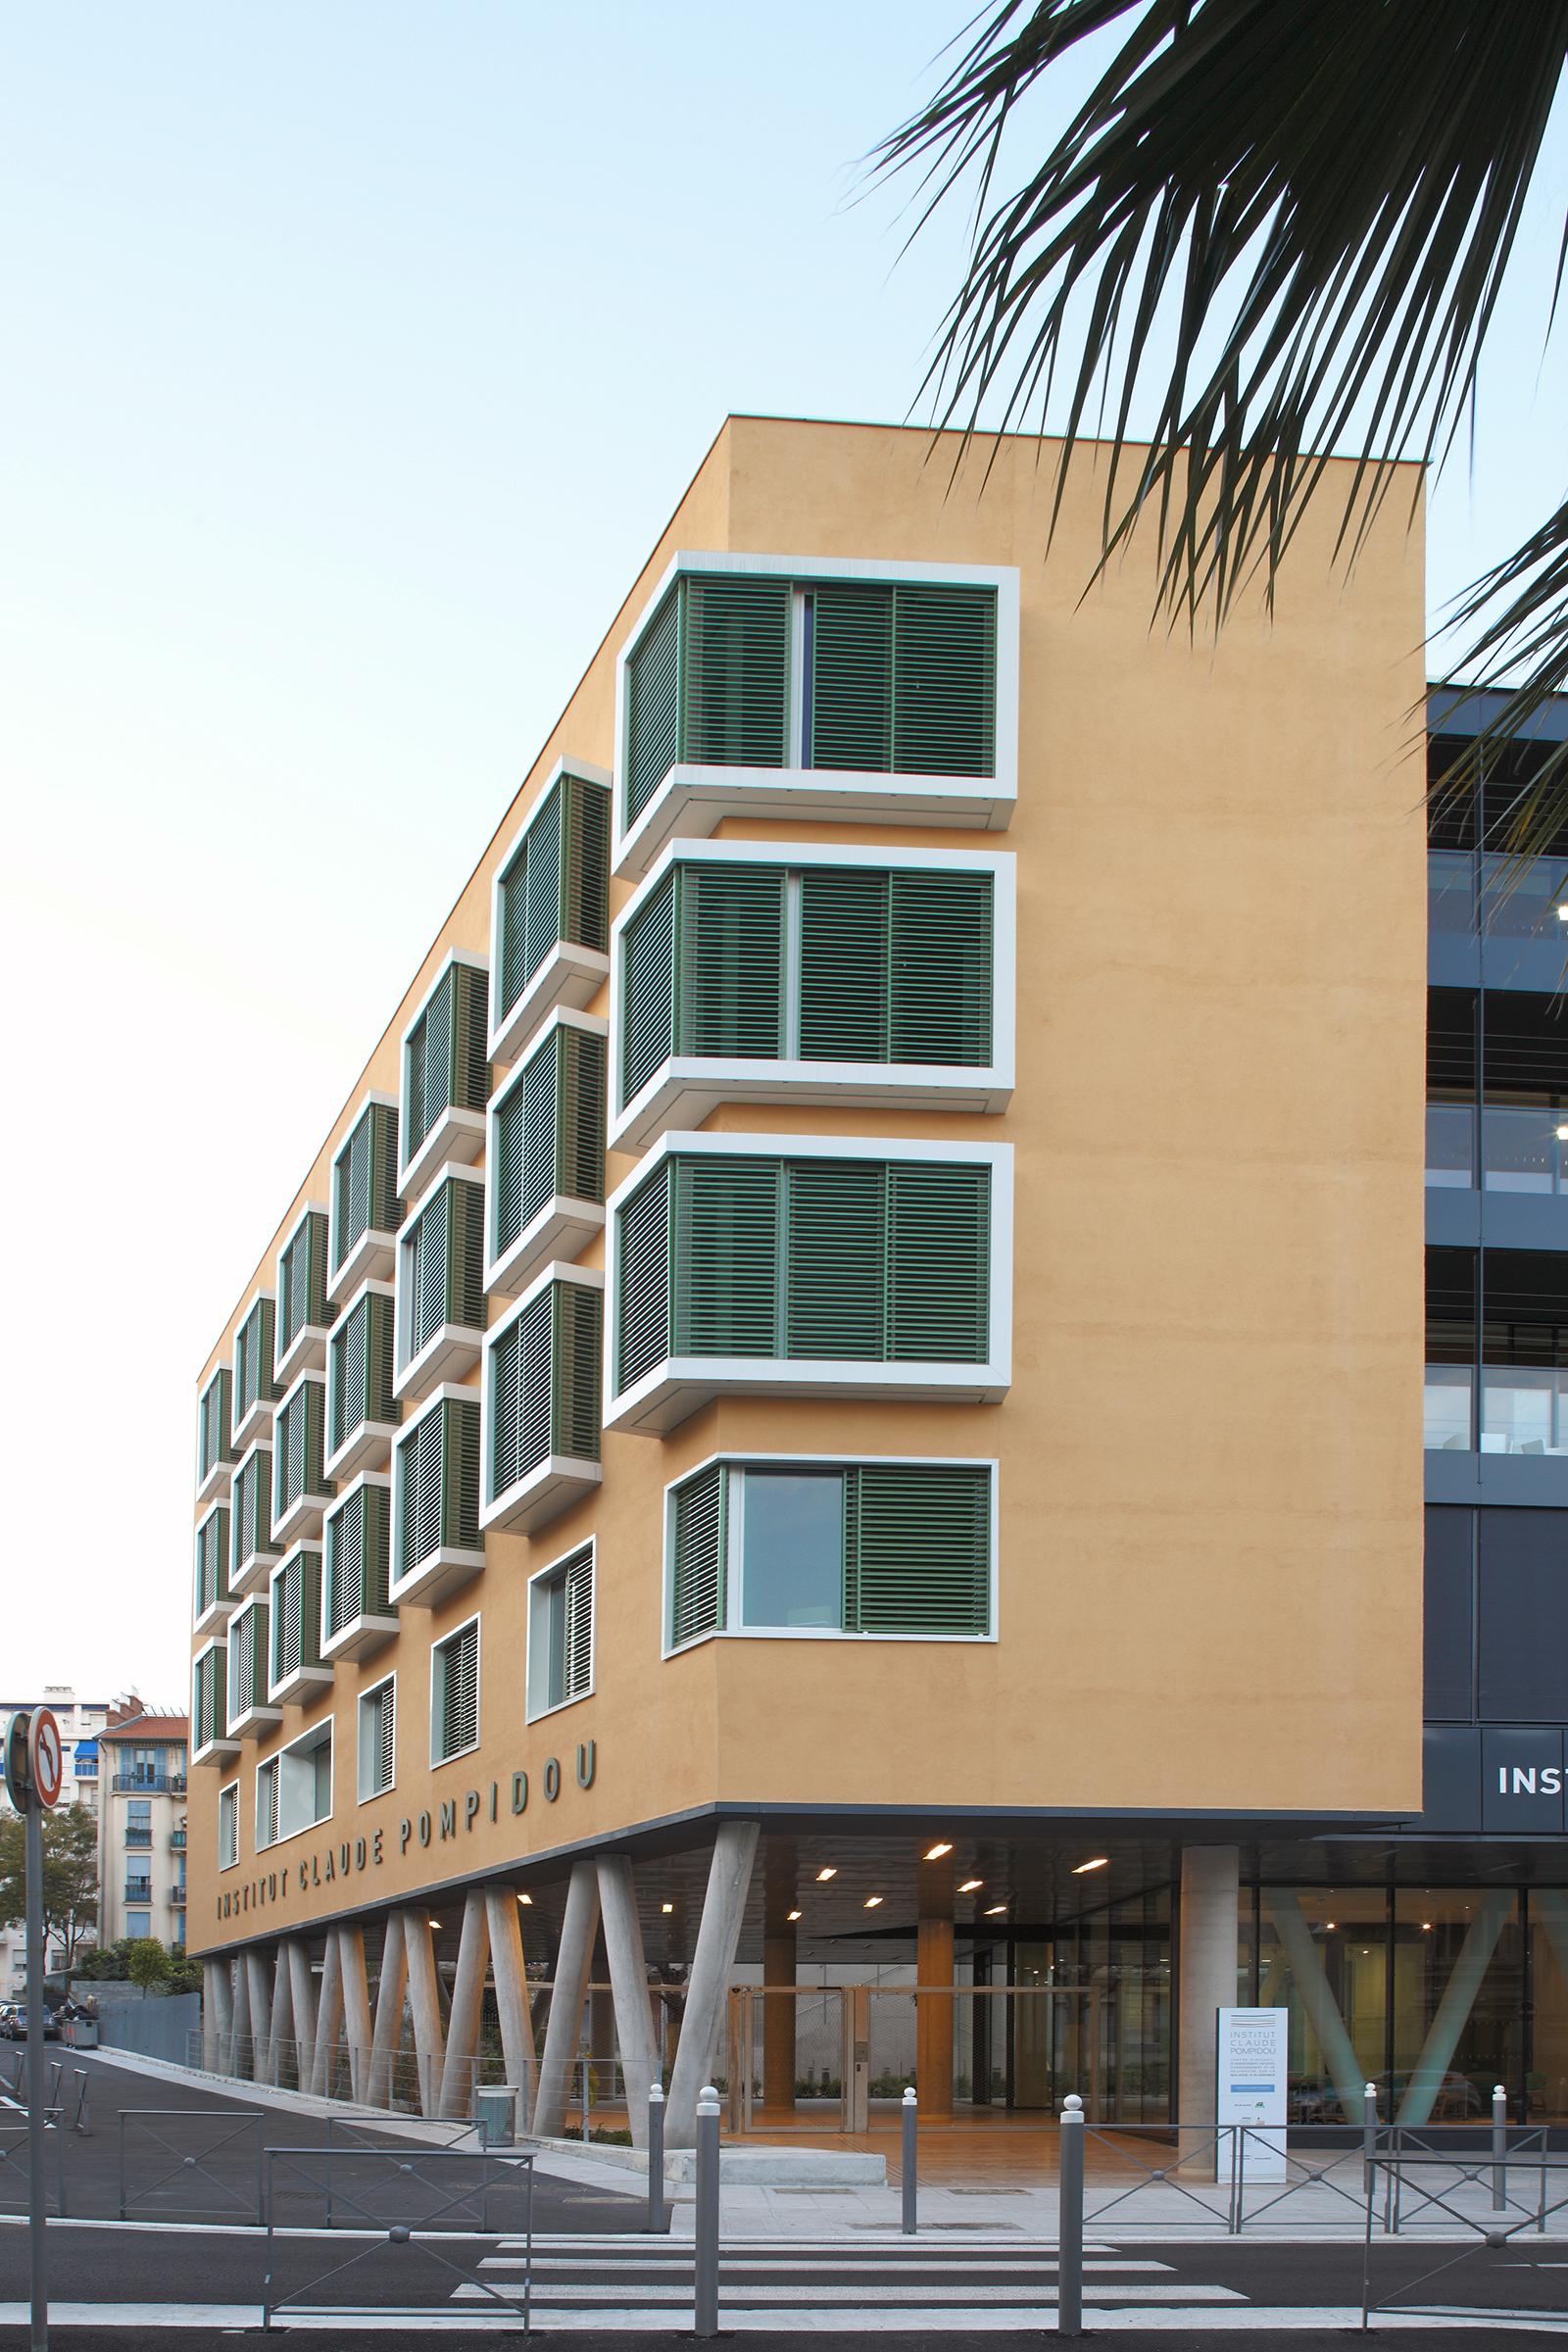 institut claude pompidou nice 06 ccarchitecte. Black Bedroom Furniture Sets. Home Design Ideas